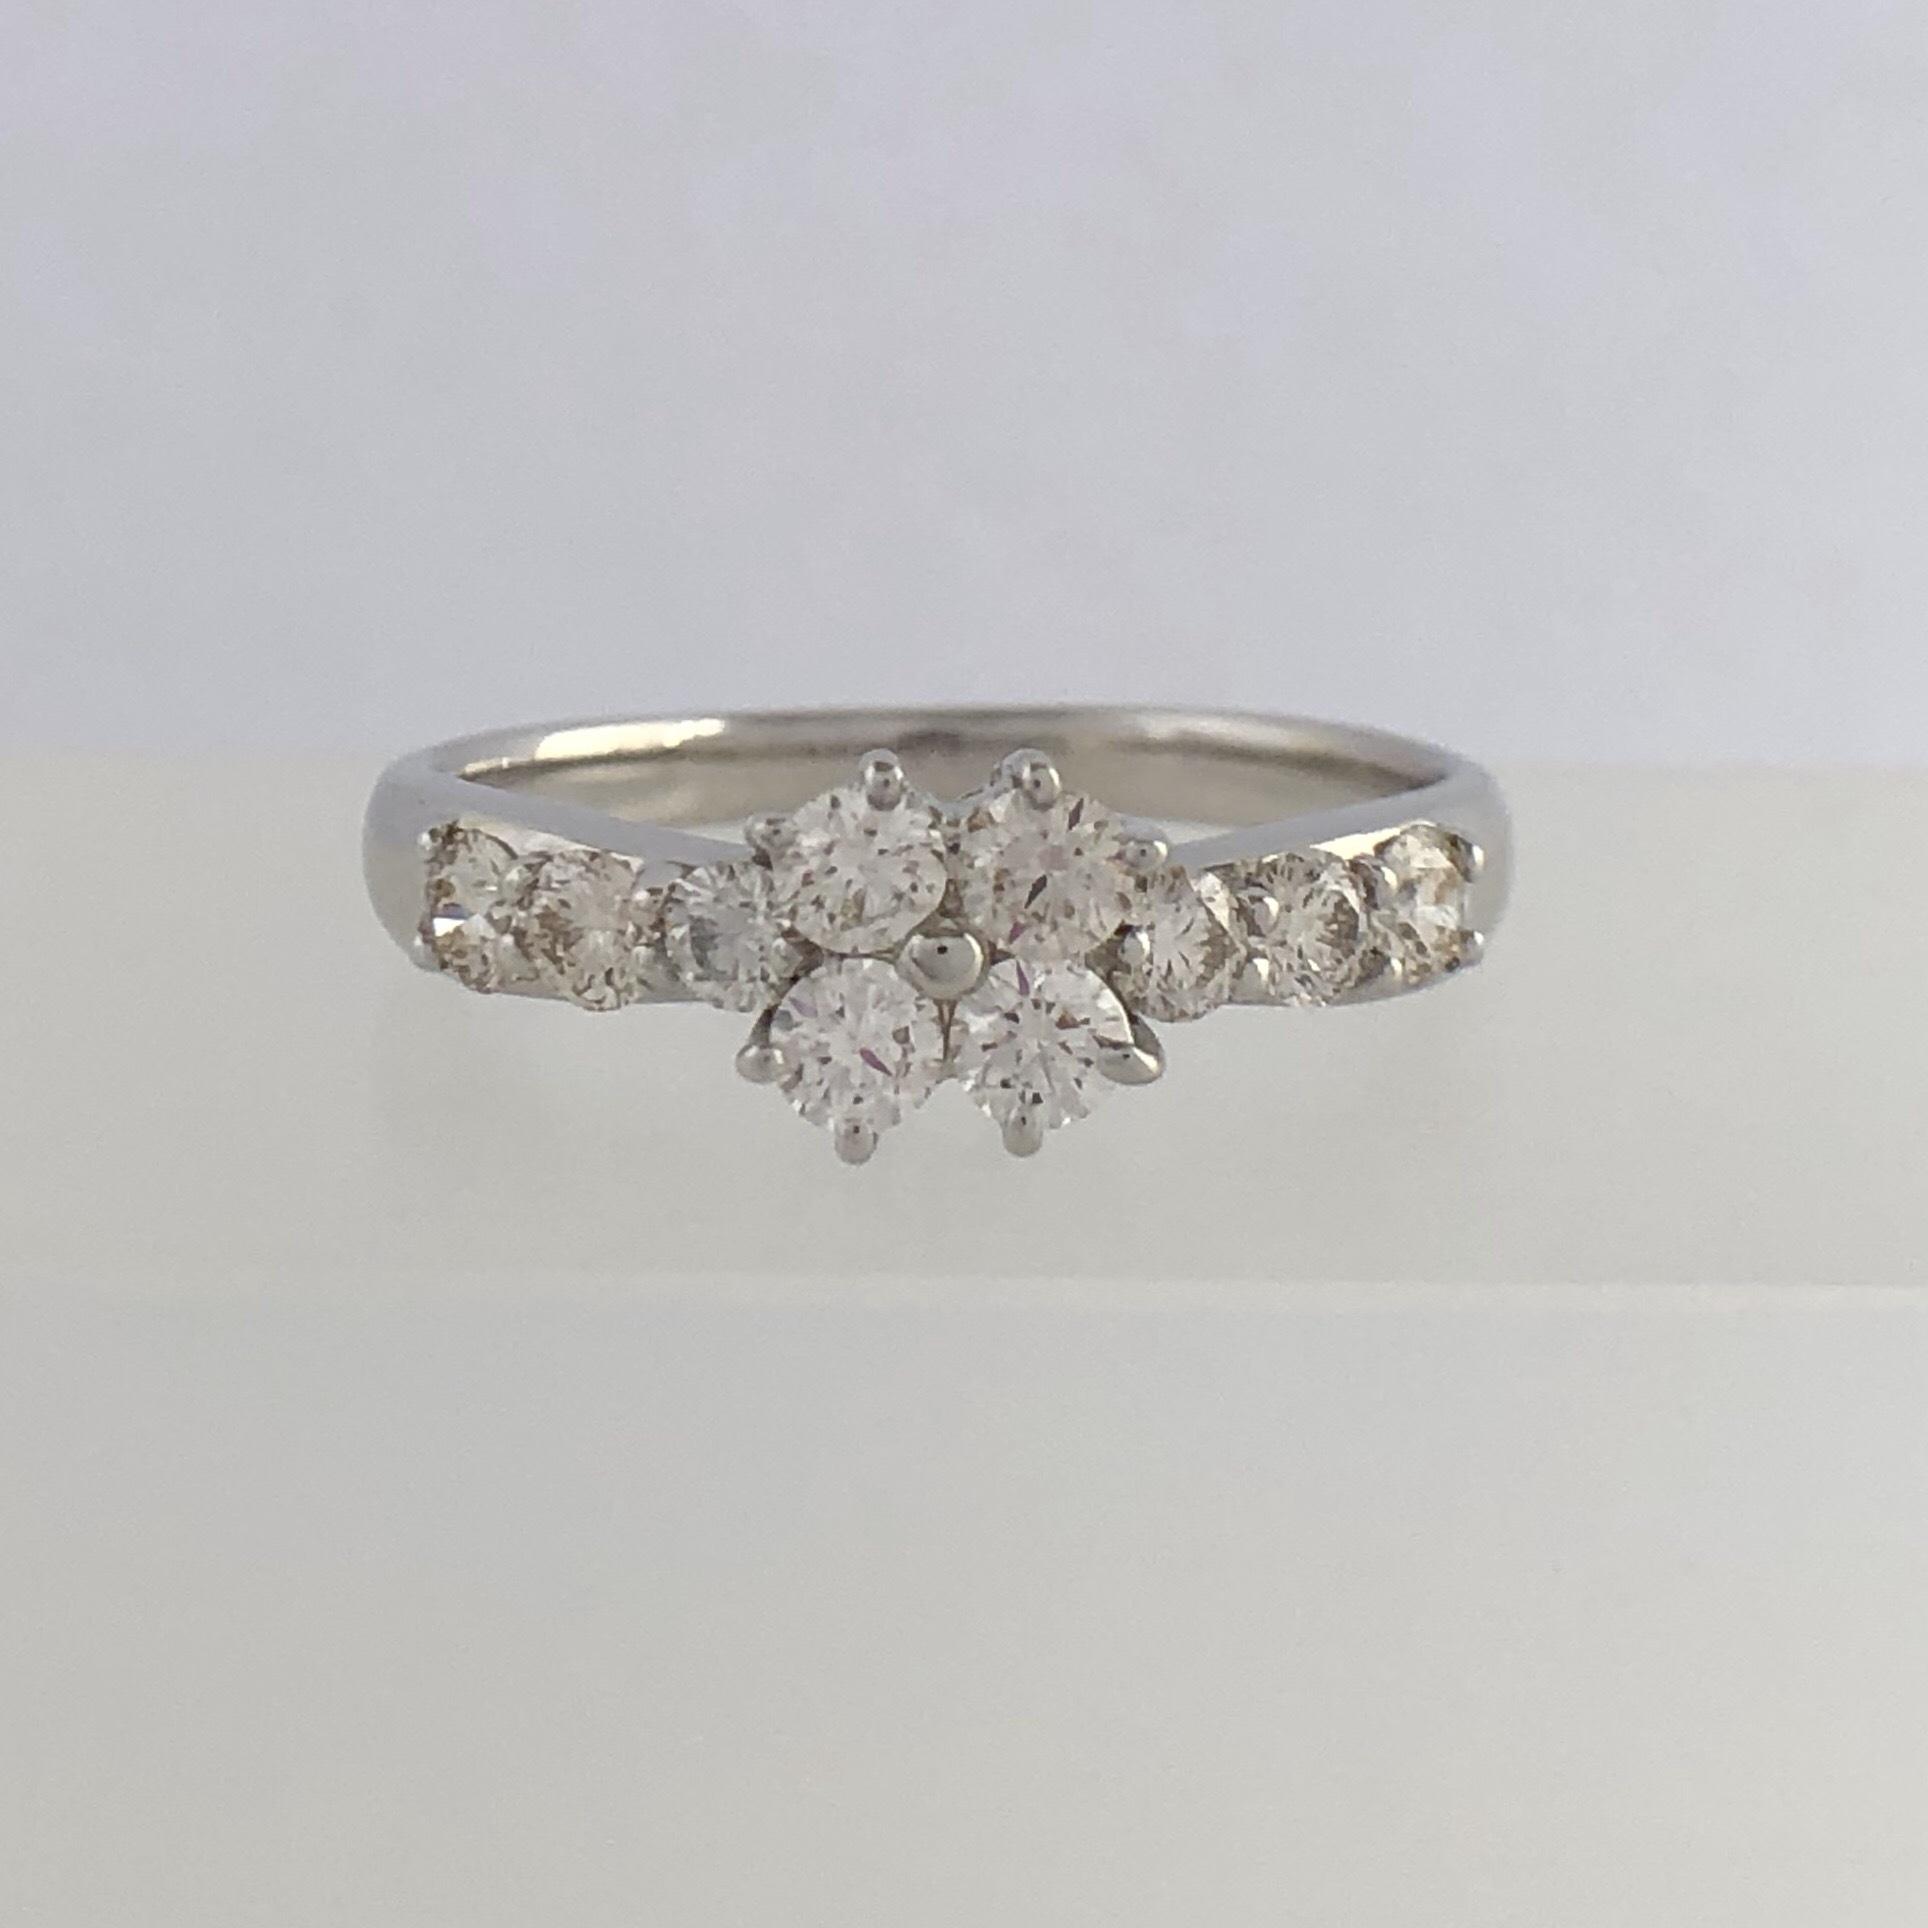 ハート& キューピッド ダイヤモンド リング 1259973 0.50ct プラチナ チェカ 鑑別書付